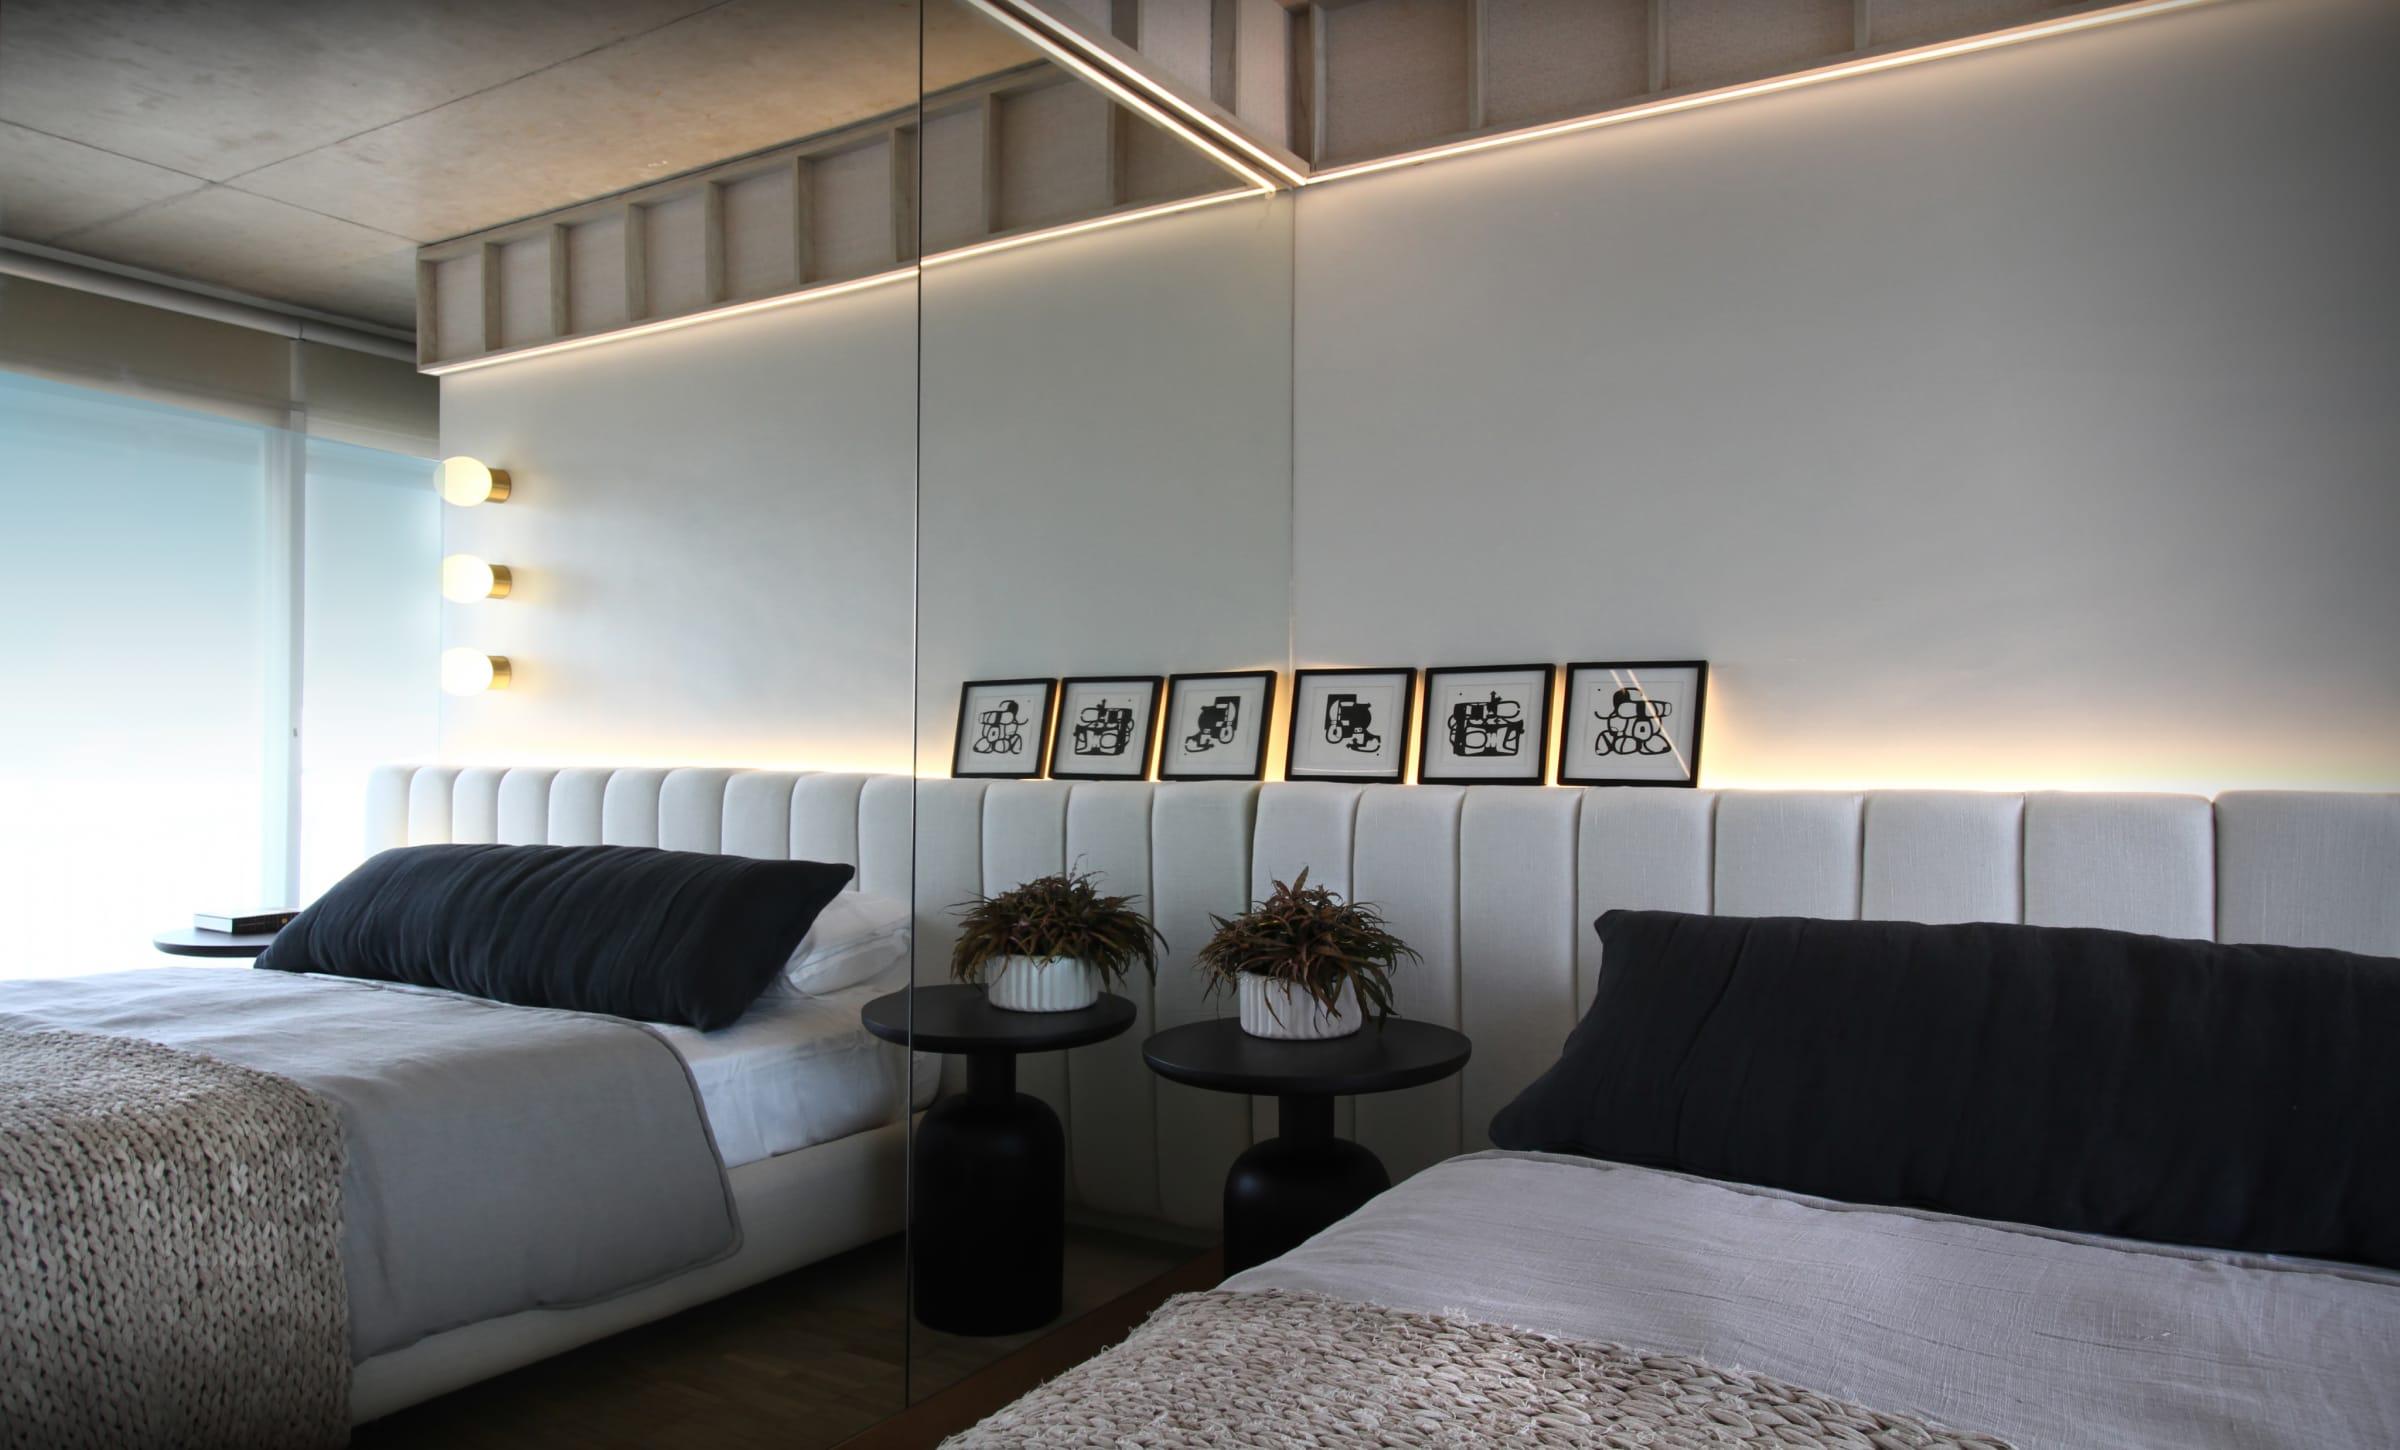 Un espejo integral amplía visualmente el dormitorio equipado para un descanso reparador (Rosen).